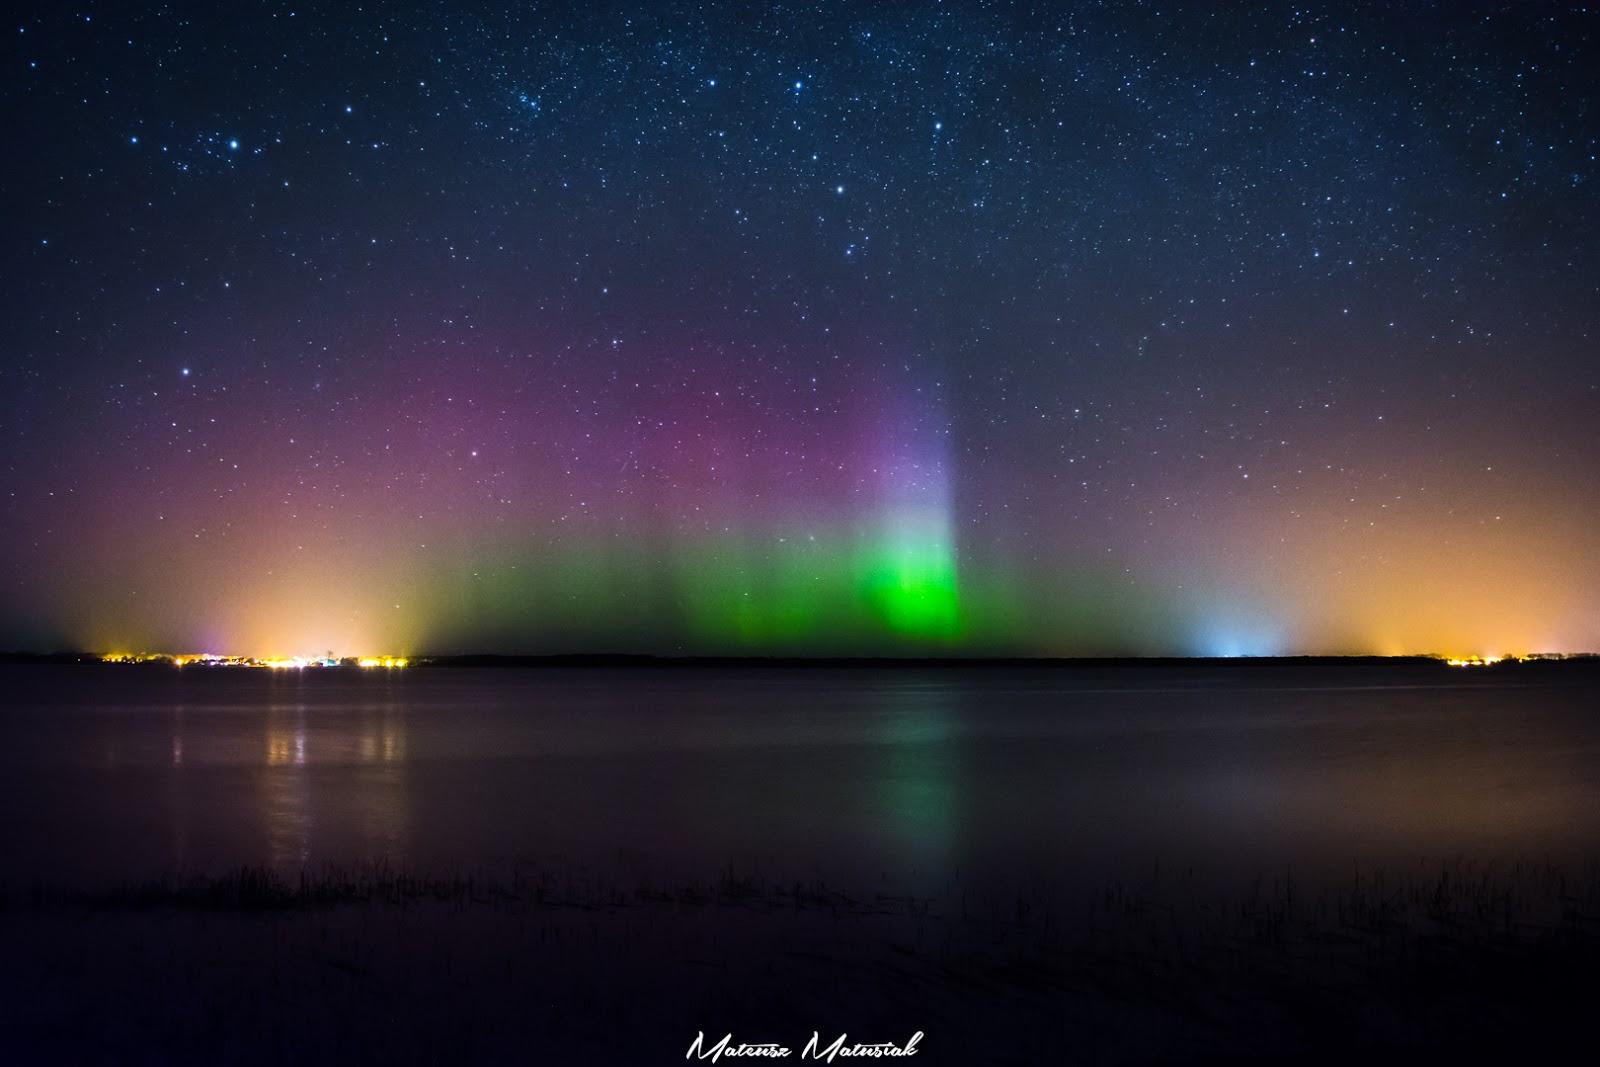 Zorza polarna sfotografowana w noc z 21 na 22 marca 2017 r. Buniewice, zachodniopomorskie. Autor: Mateusz Matusiak